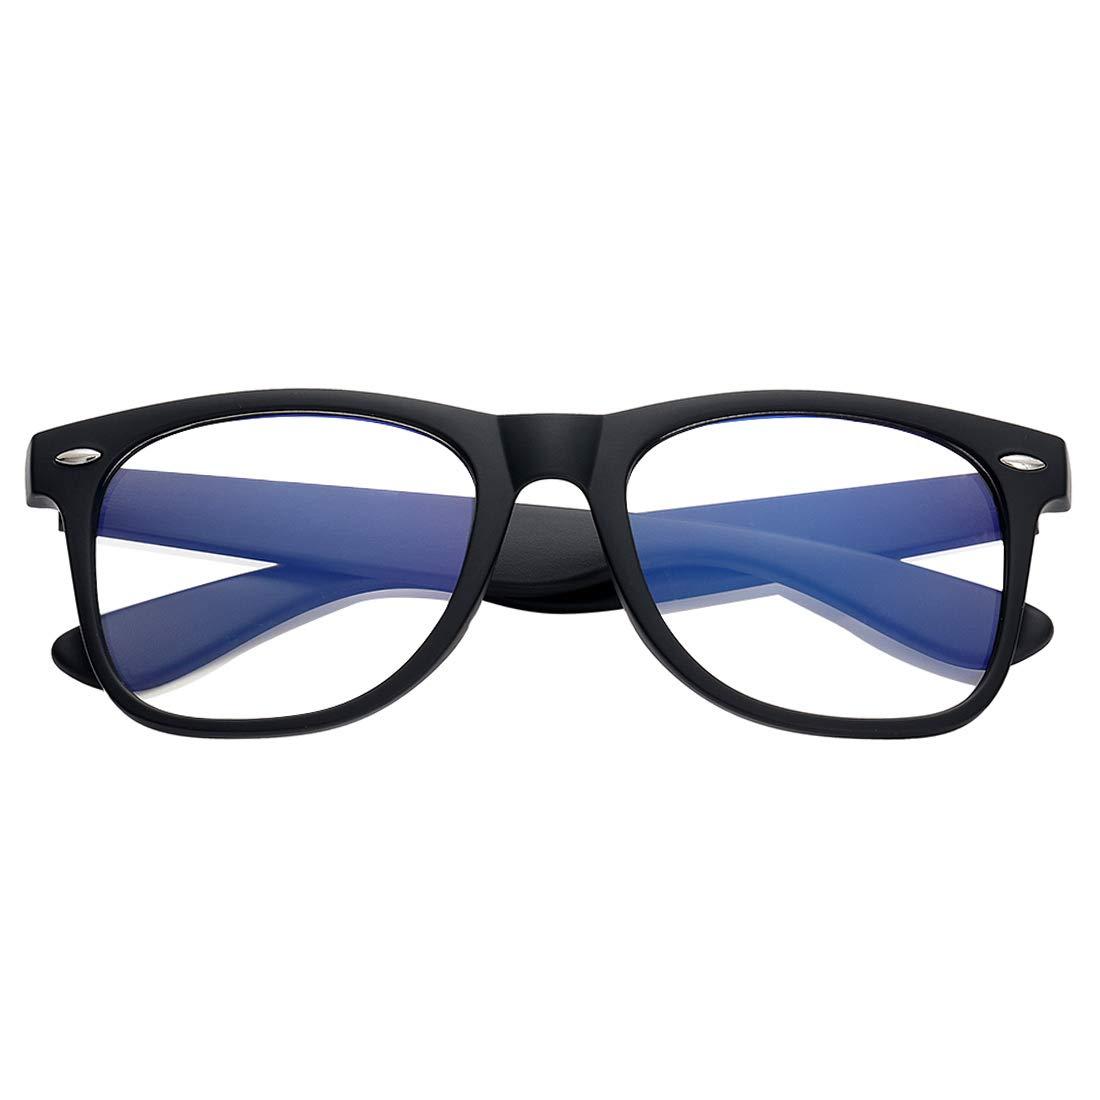 Blue Light Blocking Glasses Large Face Square/Semi-Rimless Computer Game Glasses